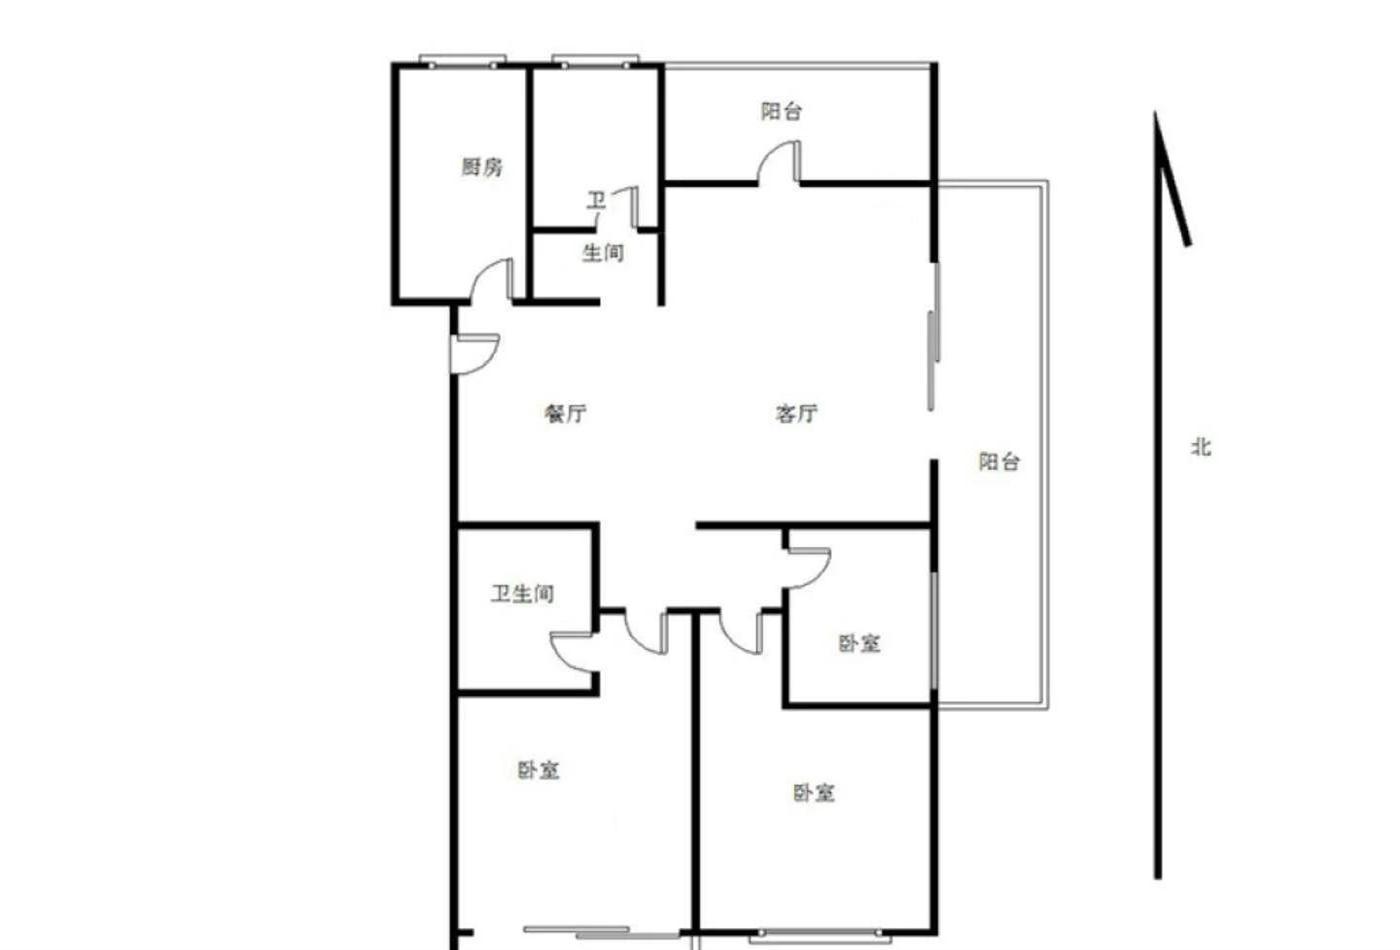 降价20万 急售蓝湖郡通透4房 超大阳台 随时看房